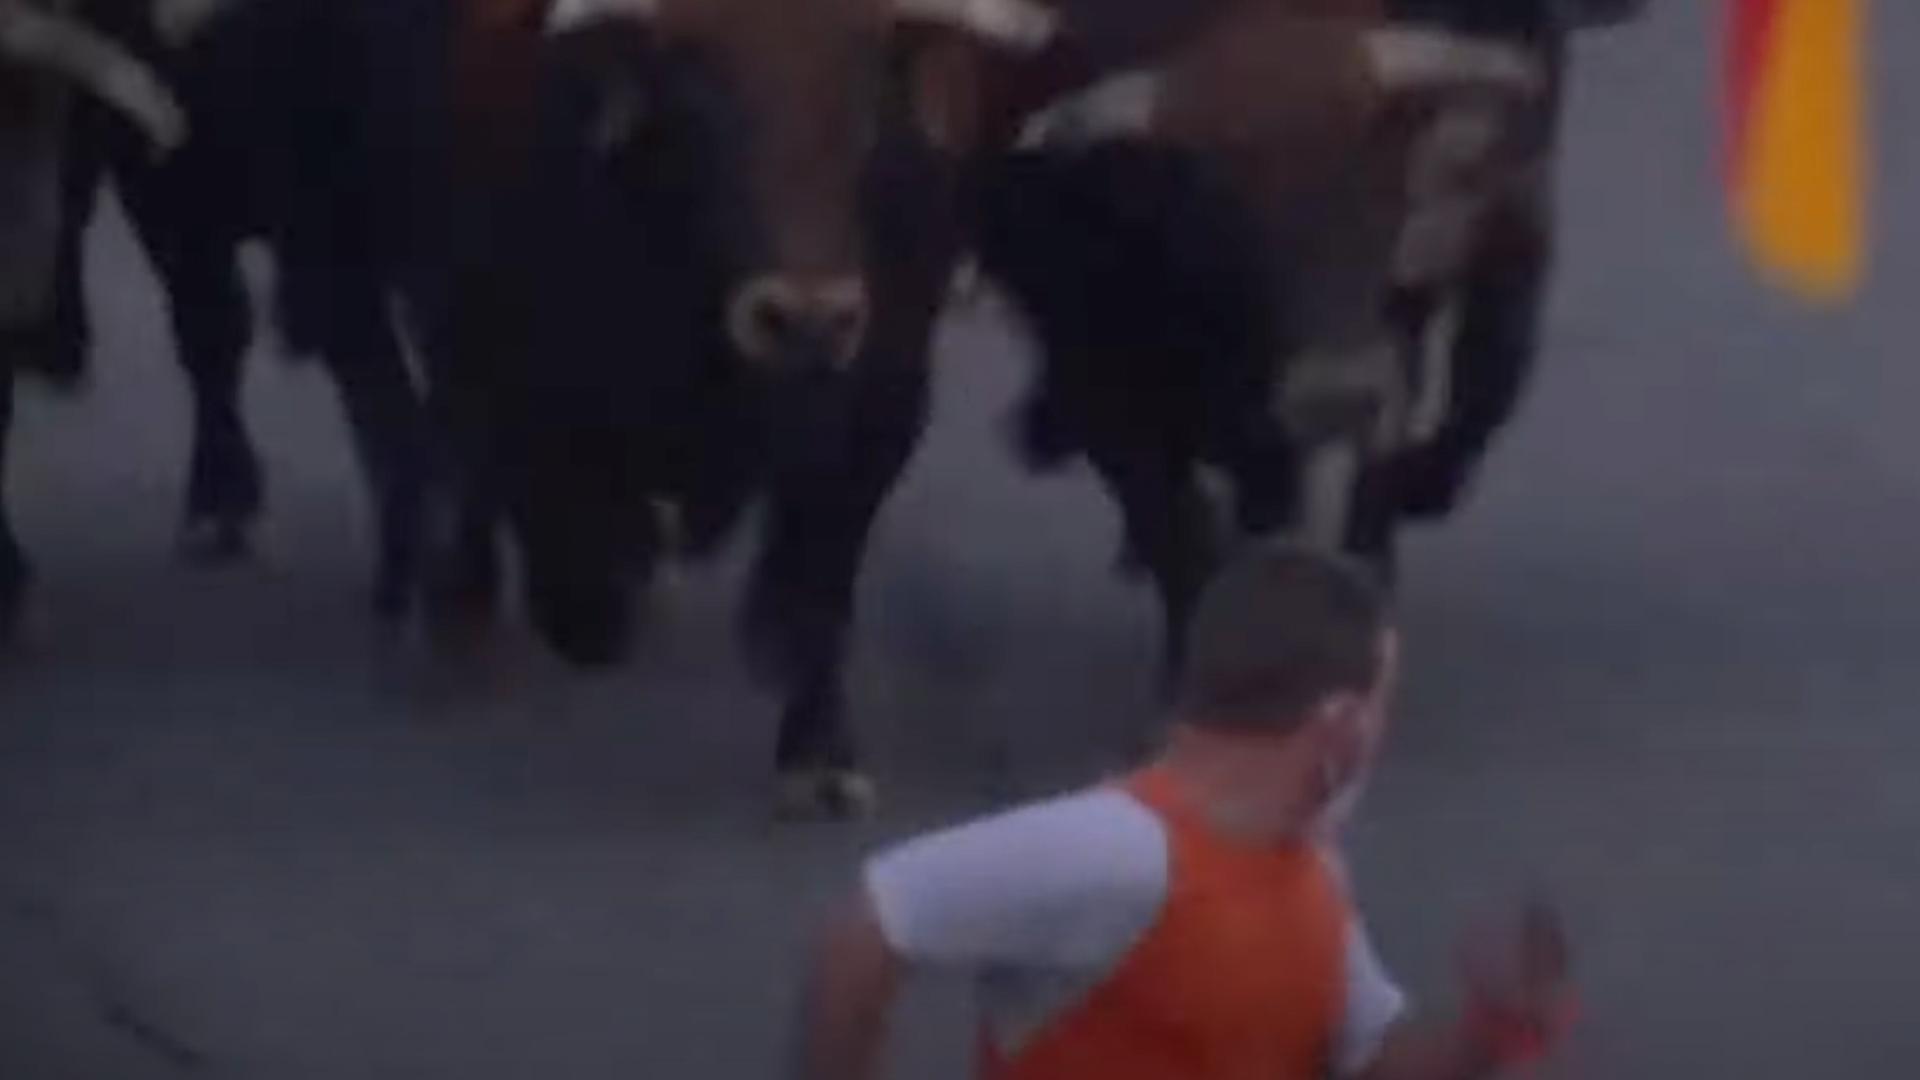 Spanyolországban megtartották az első bikafuttatást a járvány kezdete óta